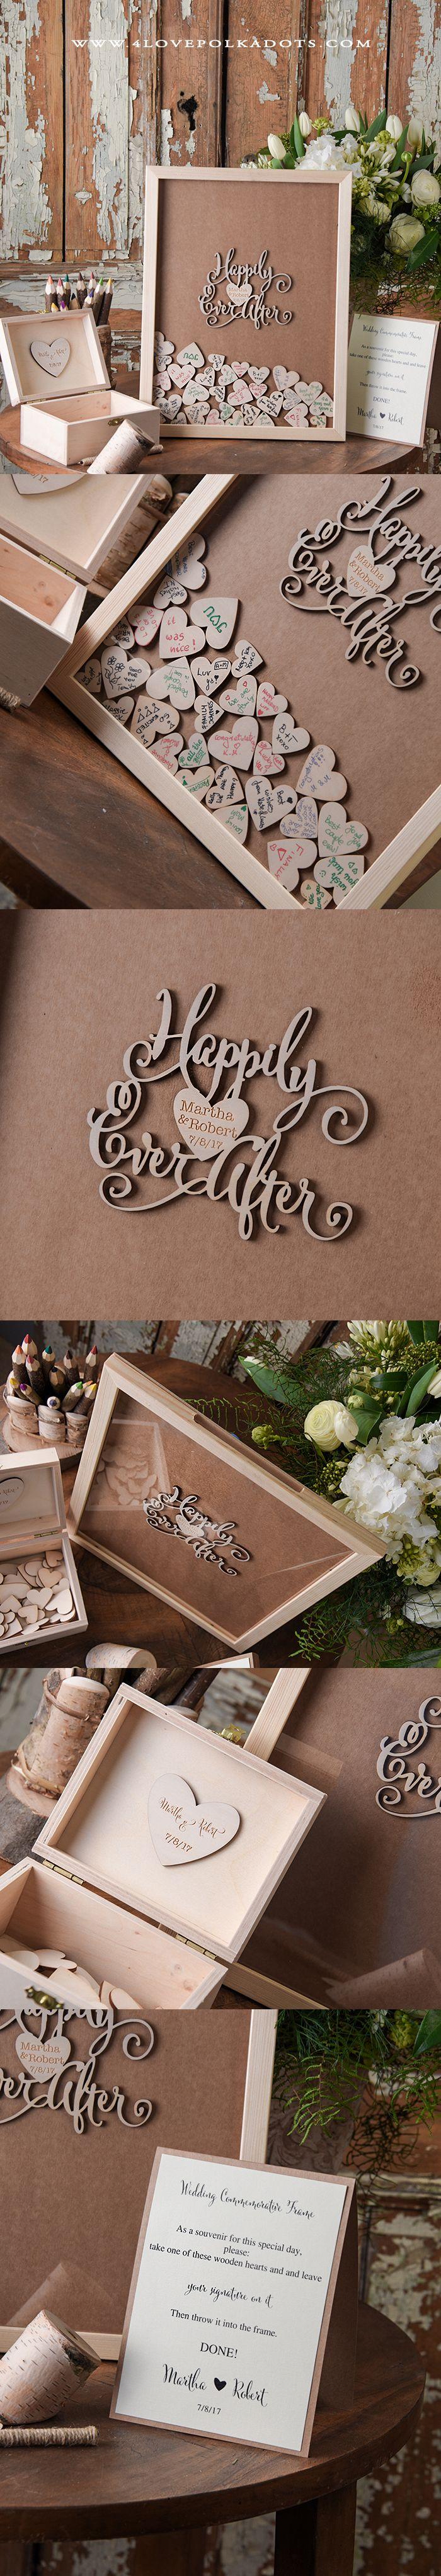 Alternative Wooden Wedding Guest Book Frame Weddingideas Countrywedding Rustic